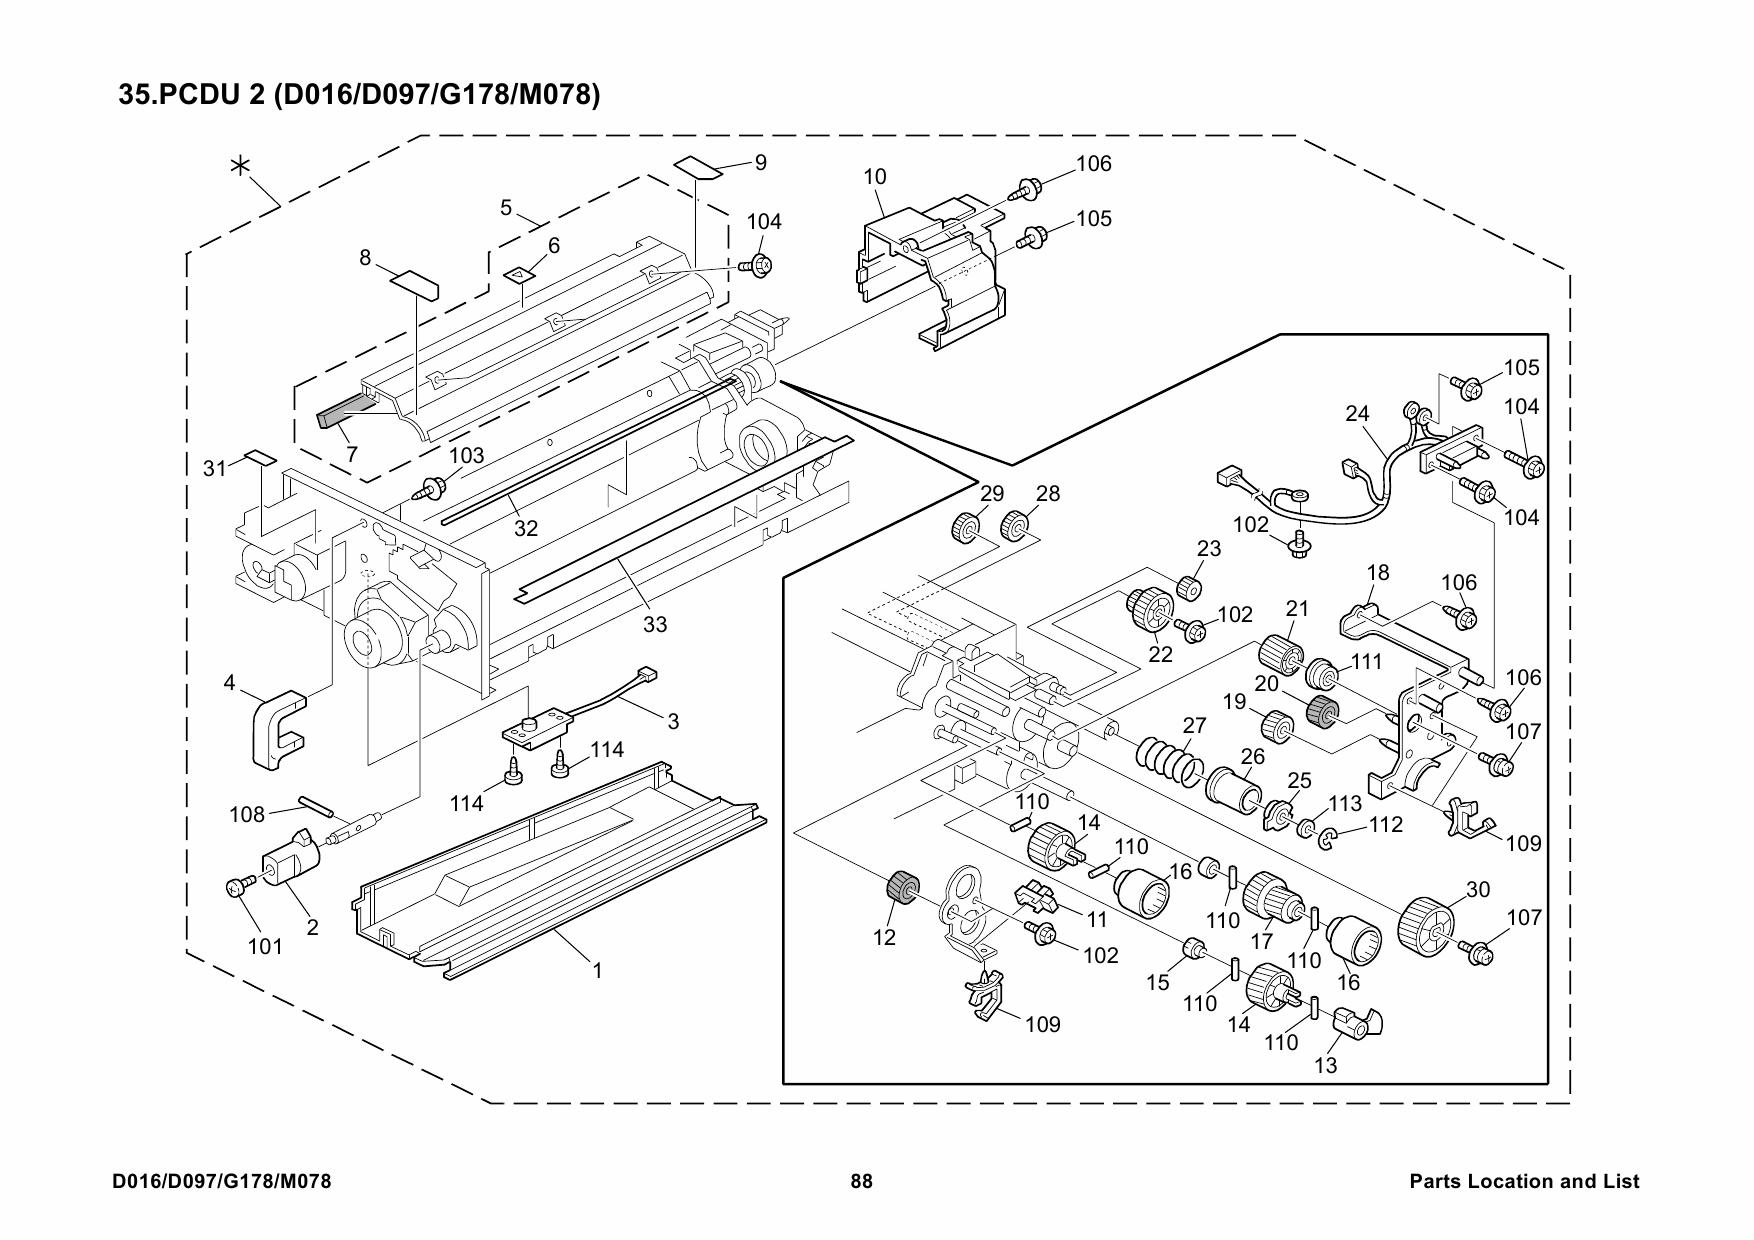 RICOH Aficio Pro-C900 C900s D016 G178 Parts Service Manual-6